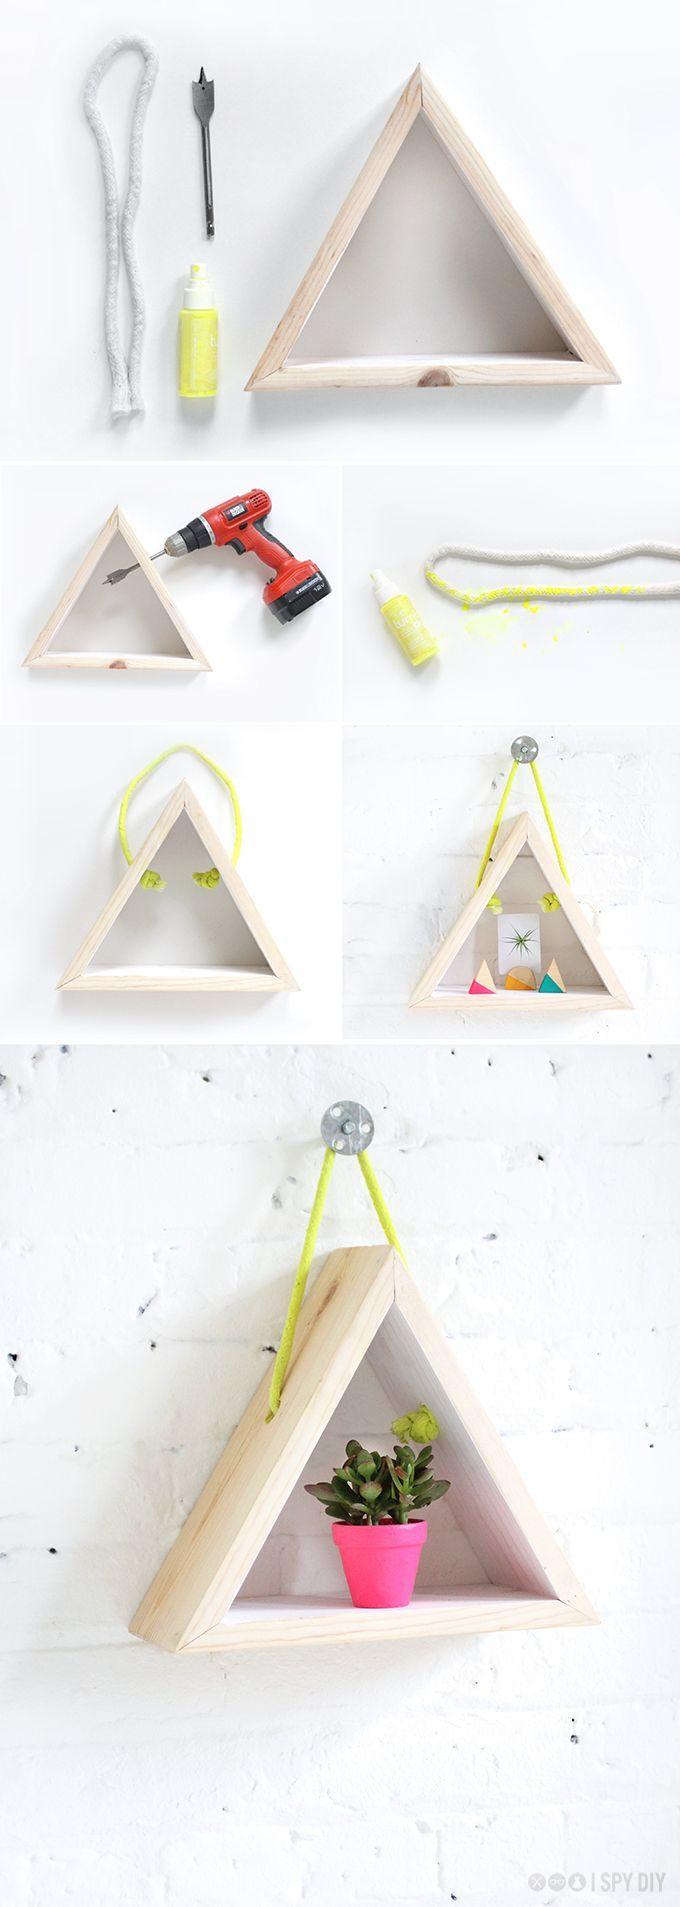 shelf le triangle geometric shelves diy home decor projects wood ...